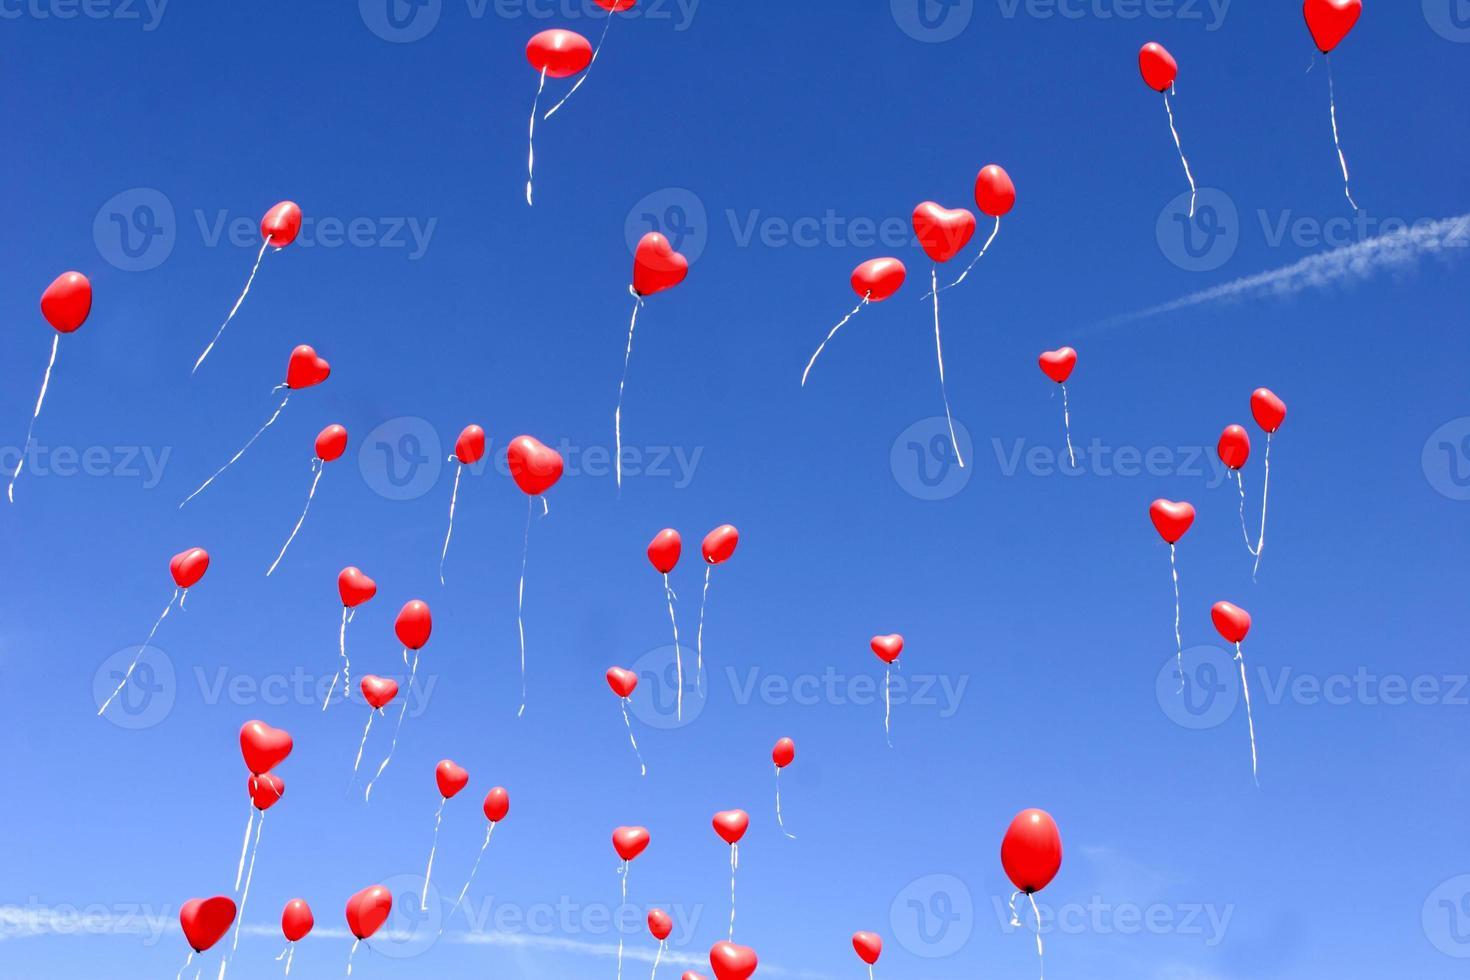 rote Herzballons in einem blauen Himmel foto